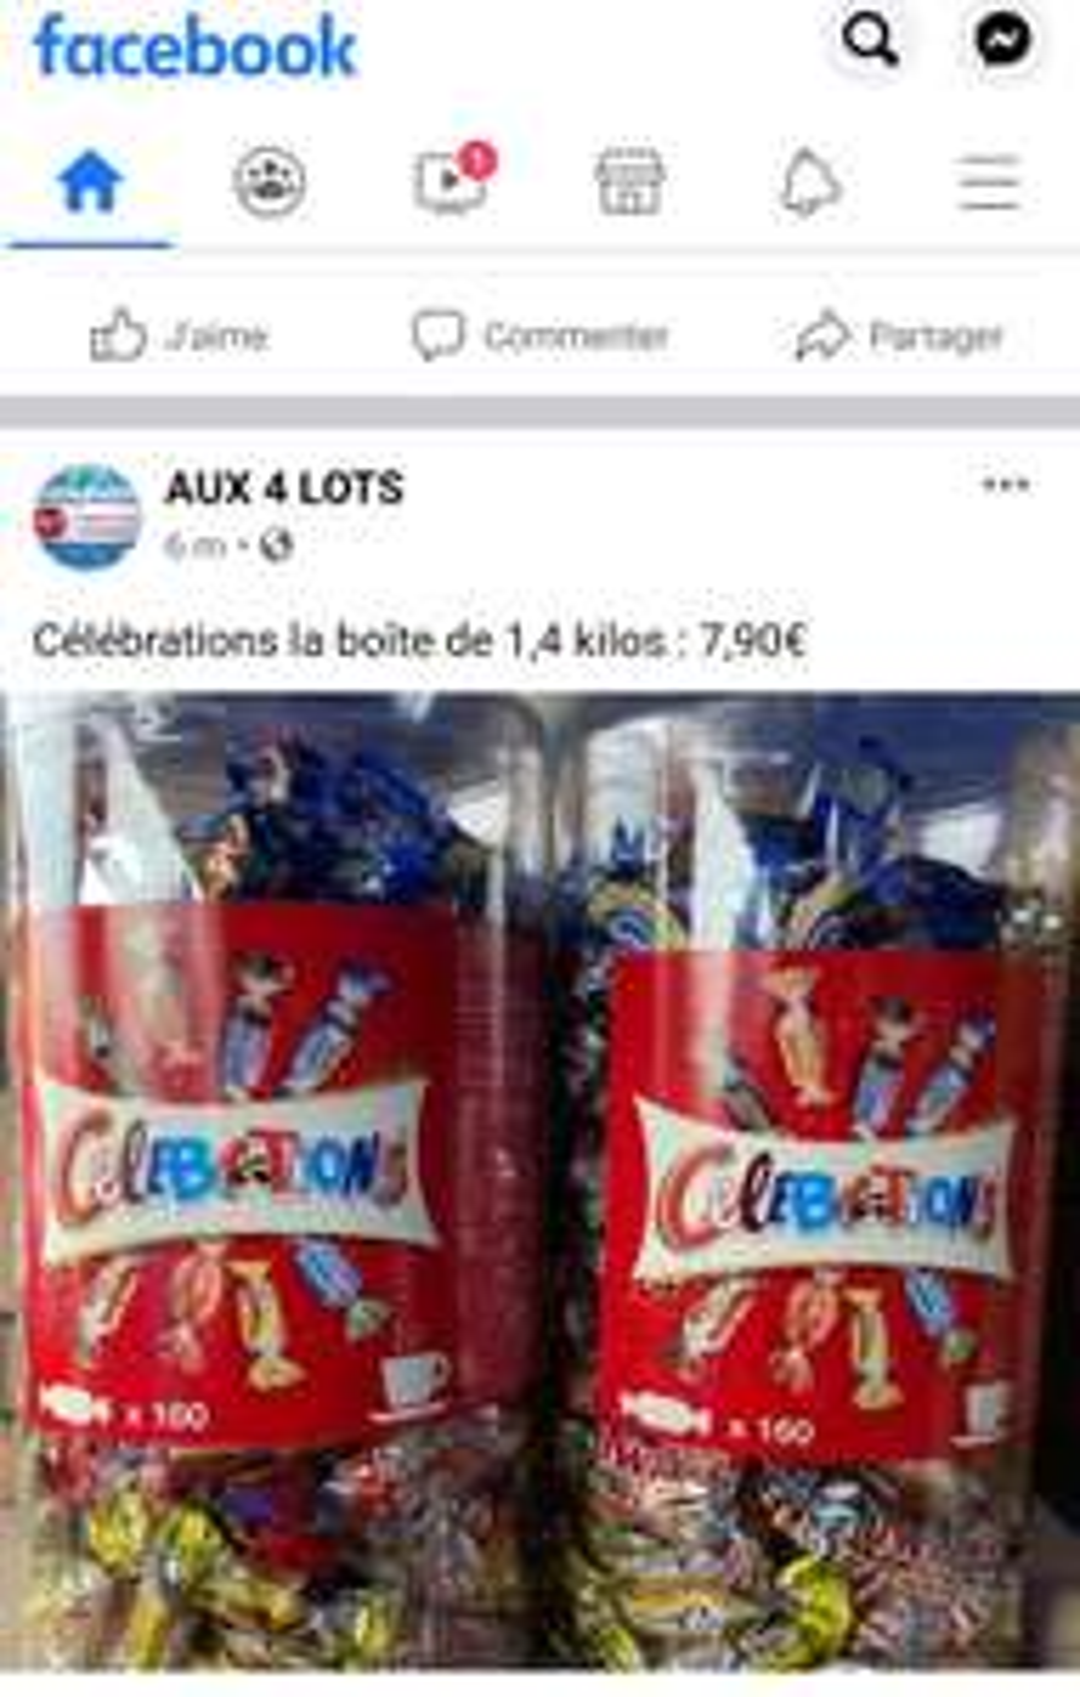 Boite de Chocolats Célébrations 1.4kg - Aux 4 lots Sens (89)